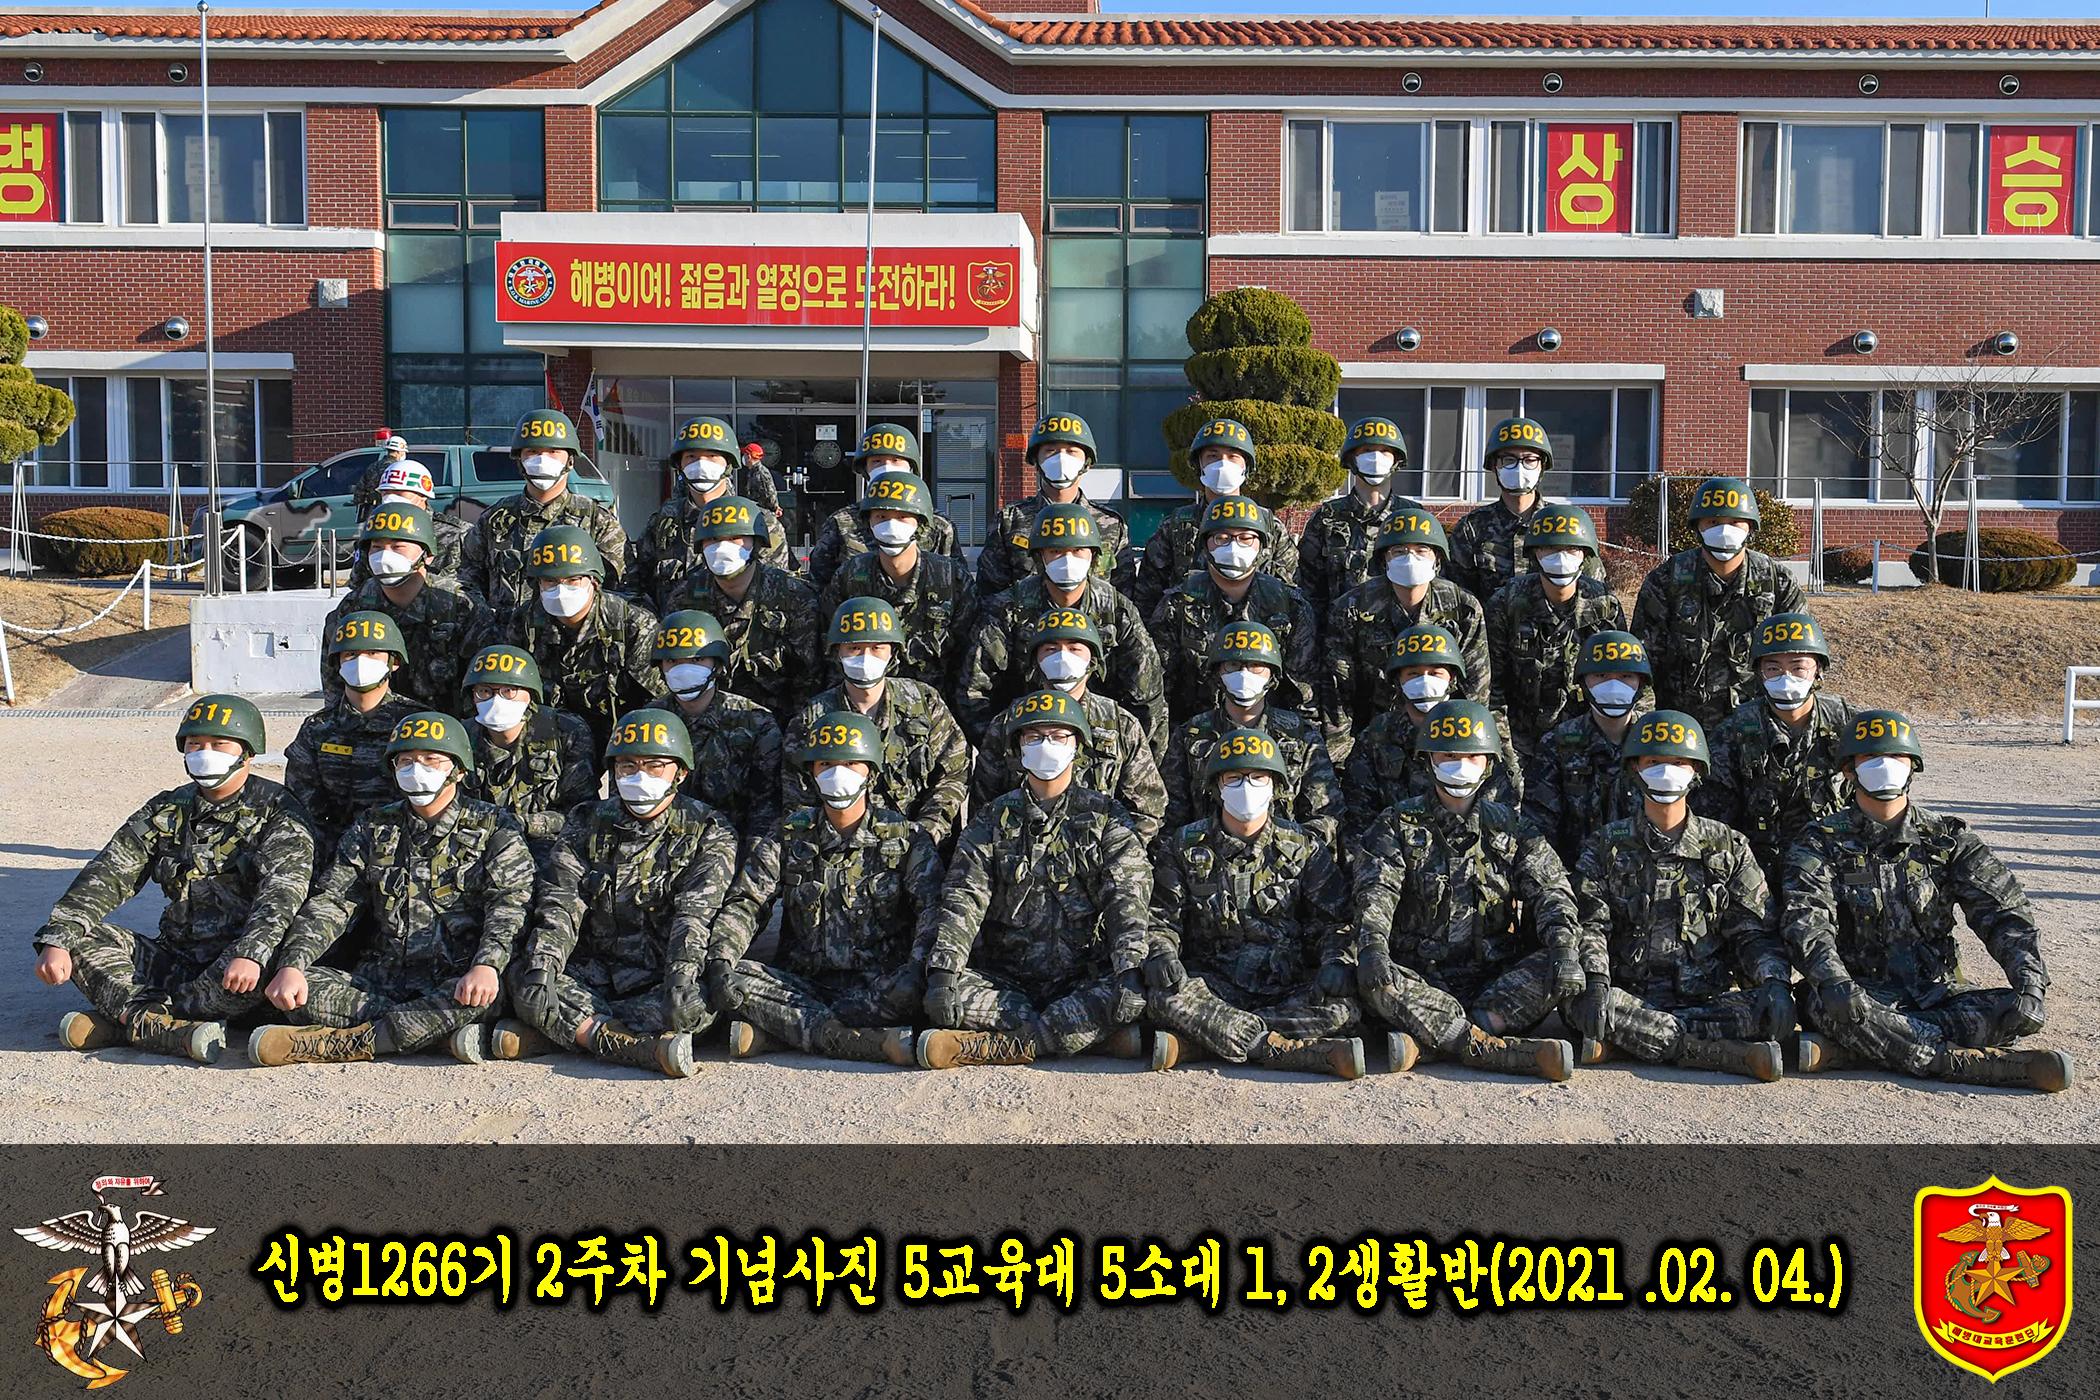 해병대 신병 1266기 5교육대 3주차 생활반 사진 7.jpg